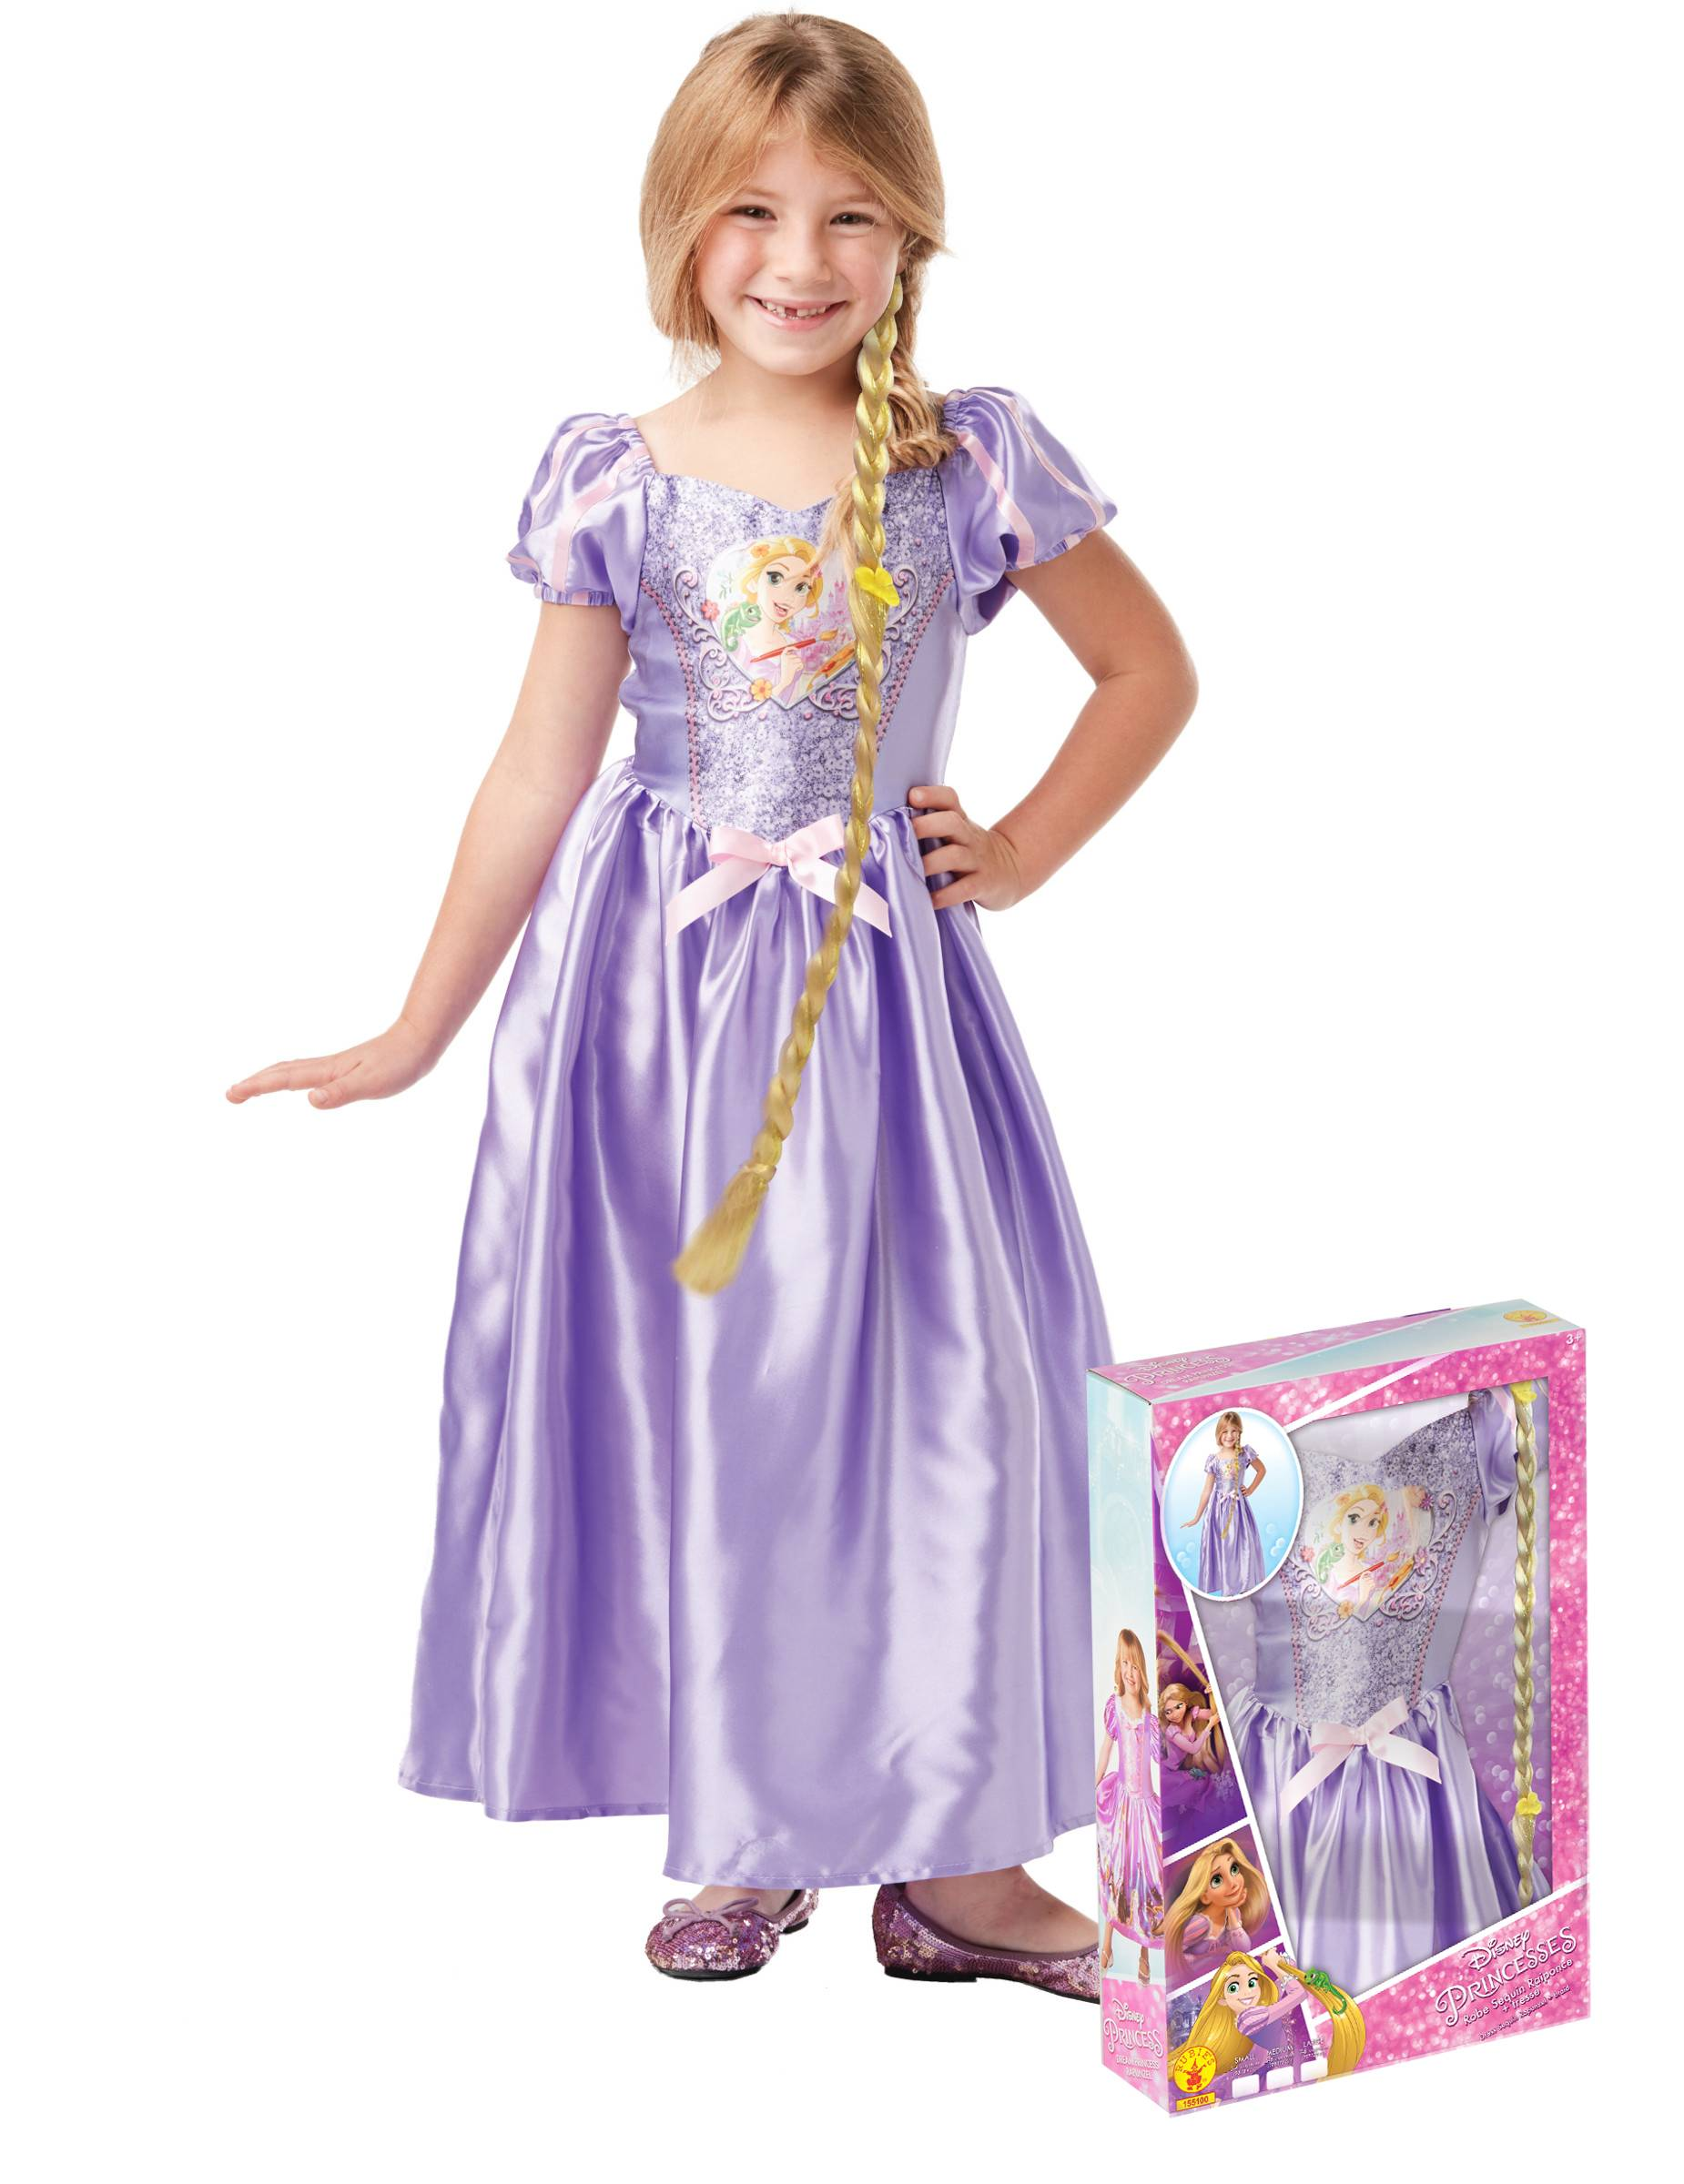 Deguisetoi Coffret princesse Raiponce avec sequins et tresses fille - Taille: 5 à 6 ans (105 à 116 cm)